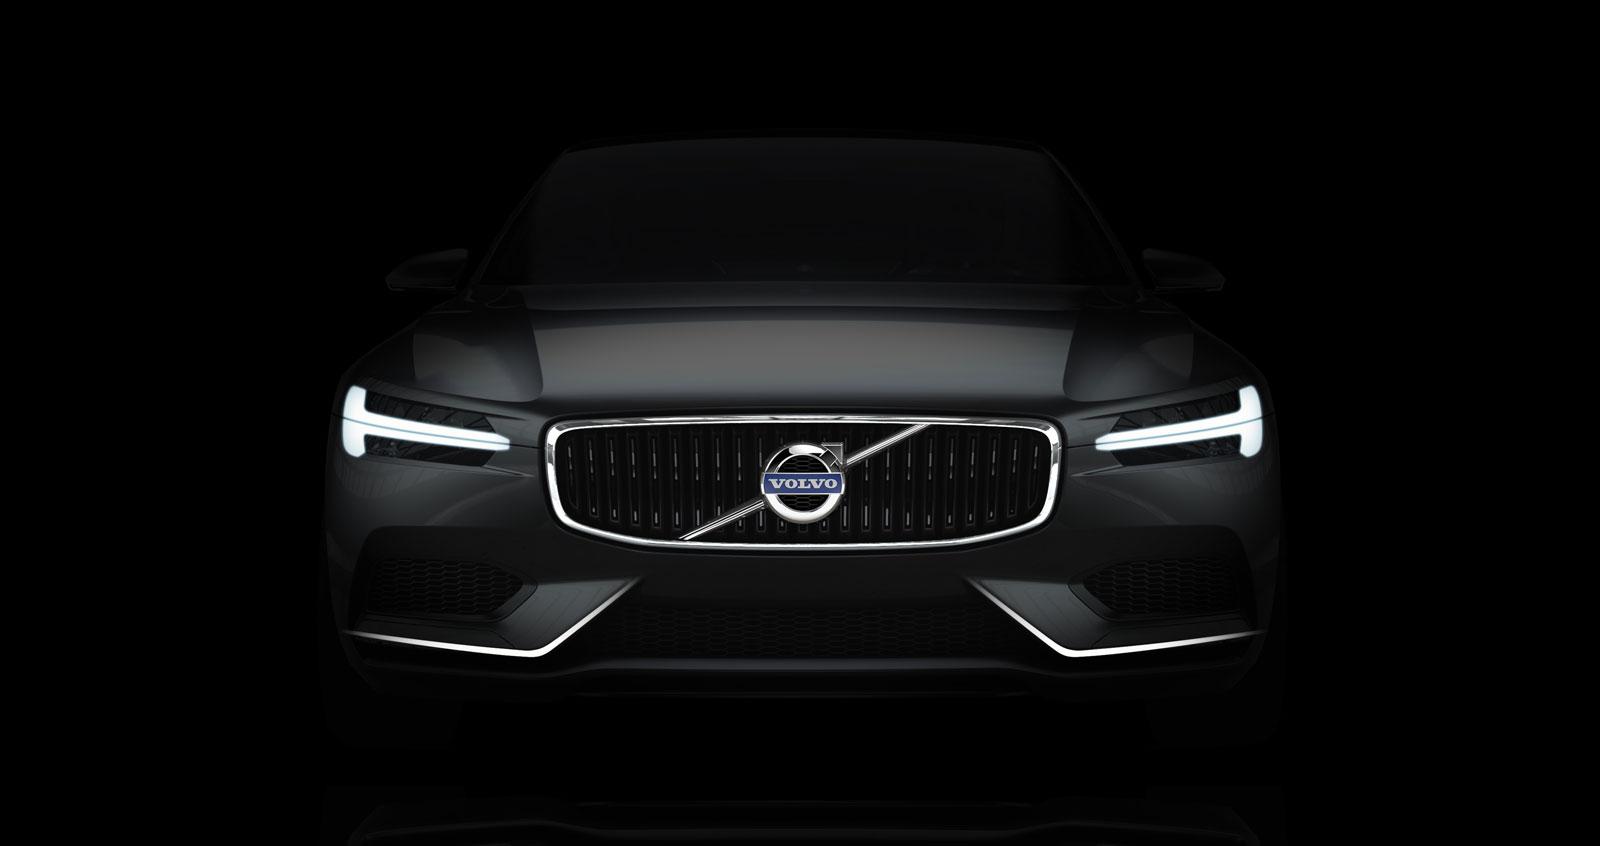 Из-за отказа ADAS системы Volvo отзывает более 700 000 автомобилей |